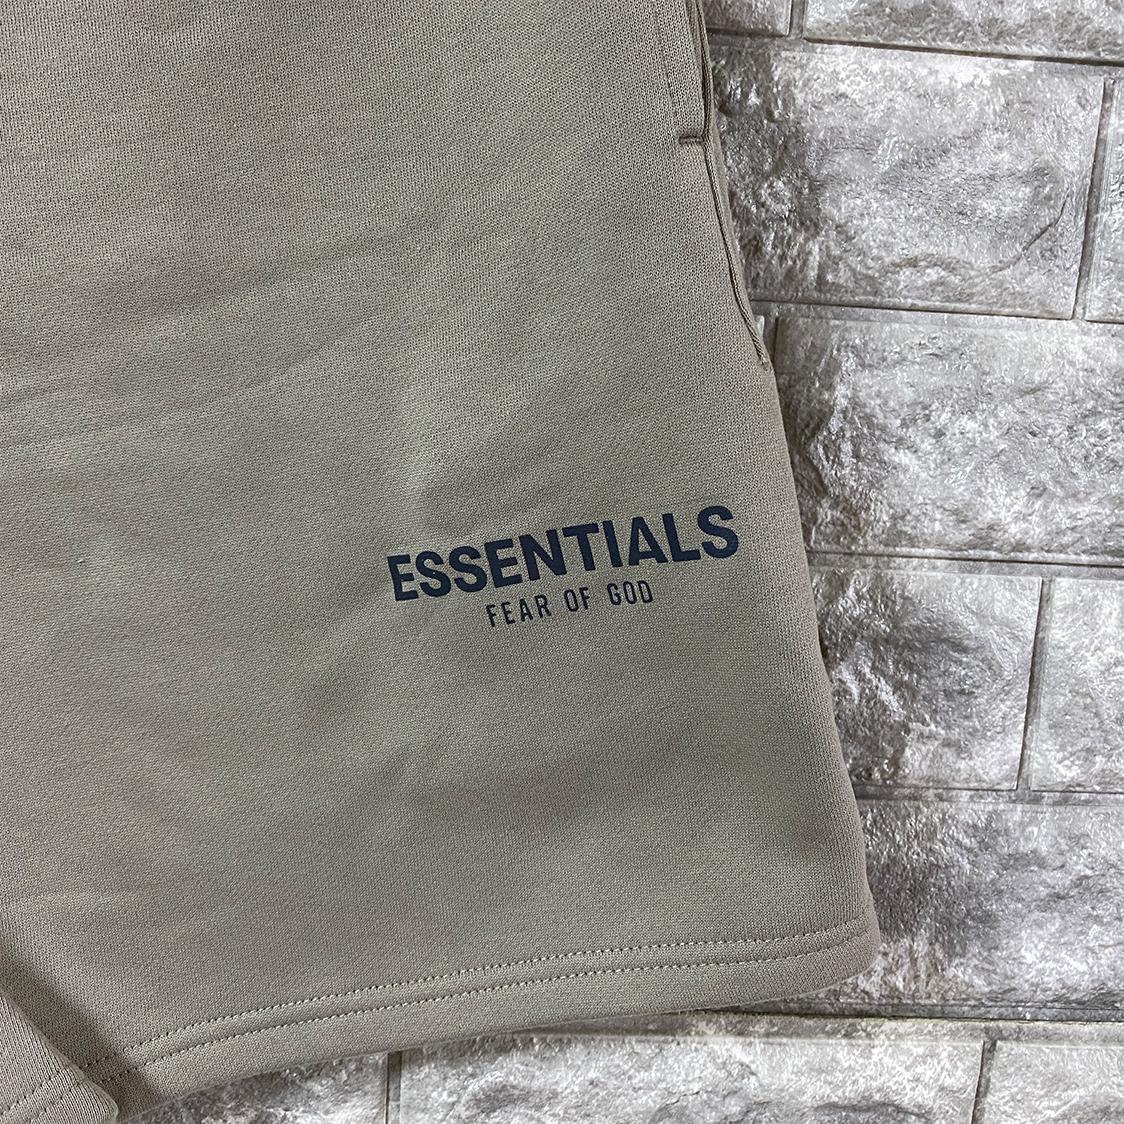 2021新作 新品 Fear Of God Essentials フェアオブゴッド エッセンシャルズ【Sサイズ】 ロゴ スウェット ショーツ ハーフパンツ オリーブ FOG